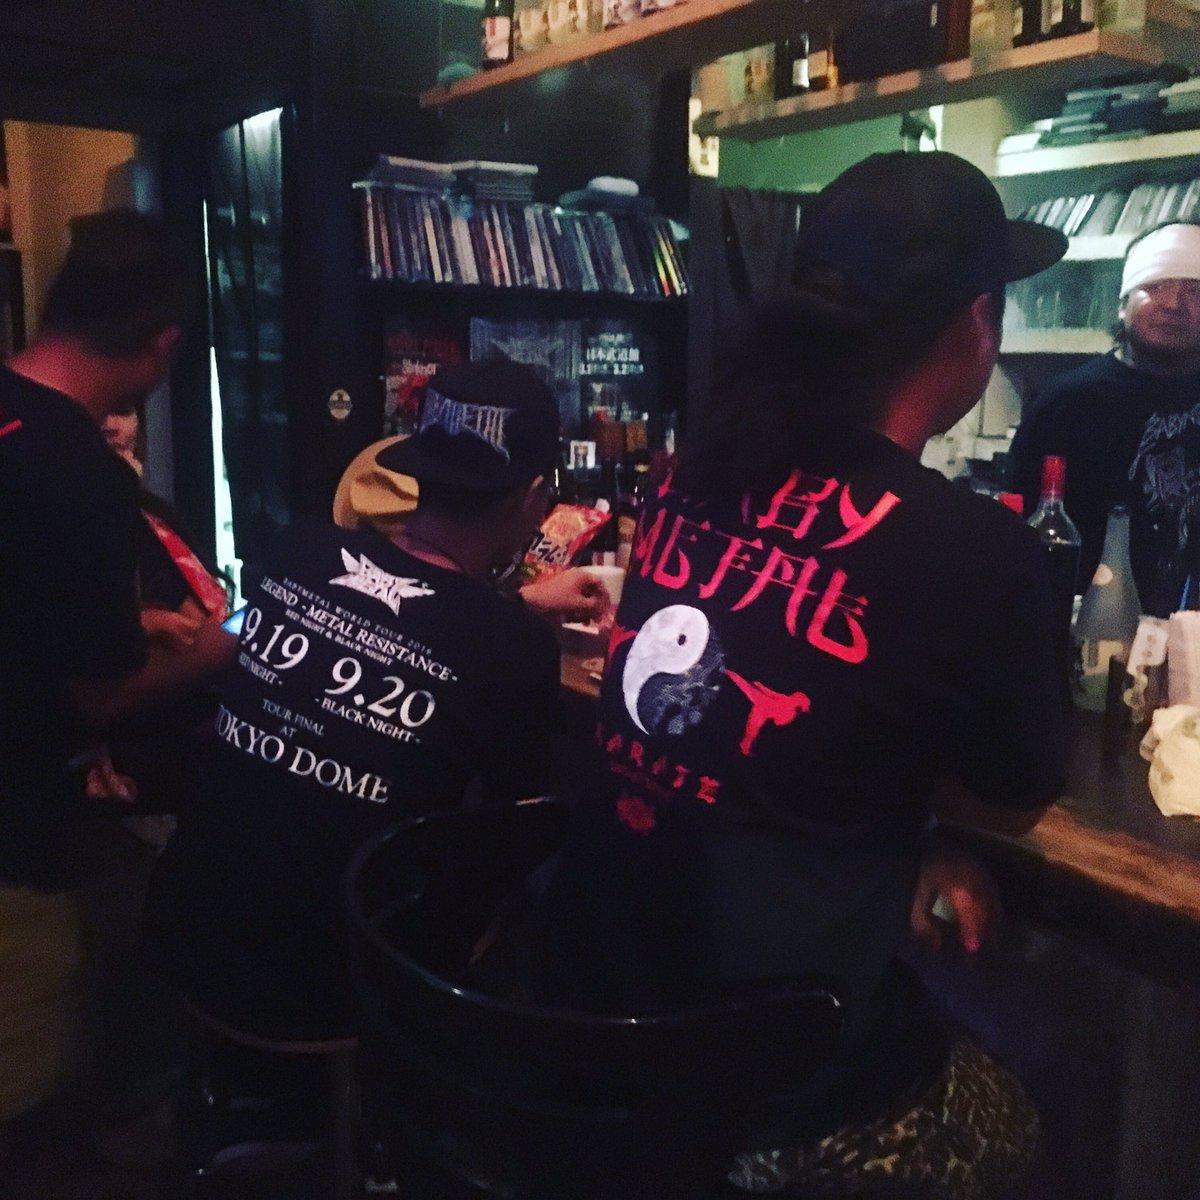 9月19日、20日に行われたBABYMETAL WORLD TOUR 2016 LEGENDの打ち上げで、沖縄県内のBABYMETALファンが琉BENに集結しました。#沖縄 #那覇 #BAR #BABYMETAL #東京ドーム https://t.co/5zRo7UuJNk